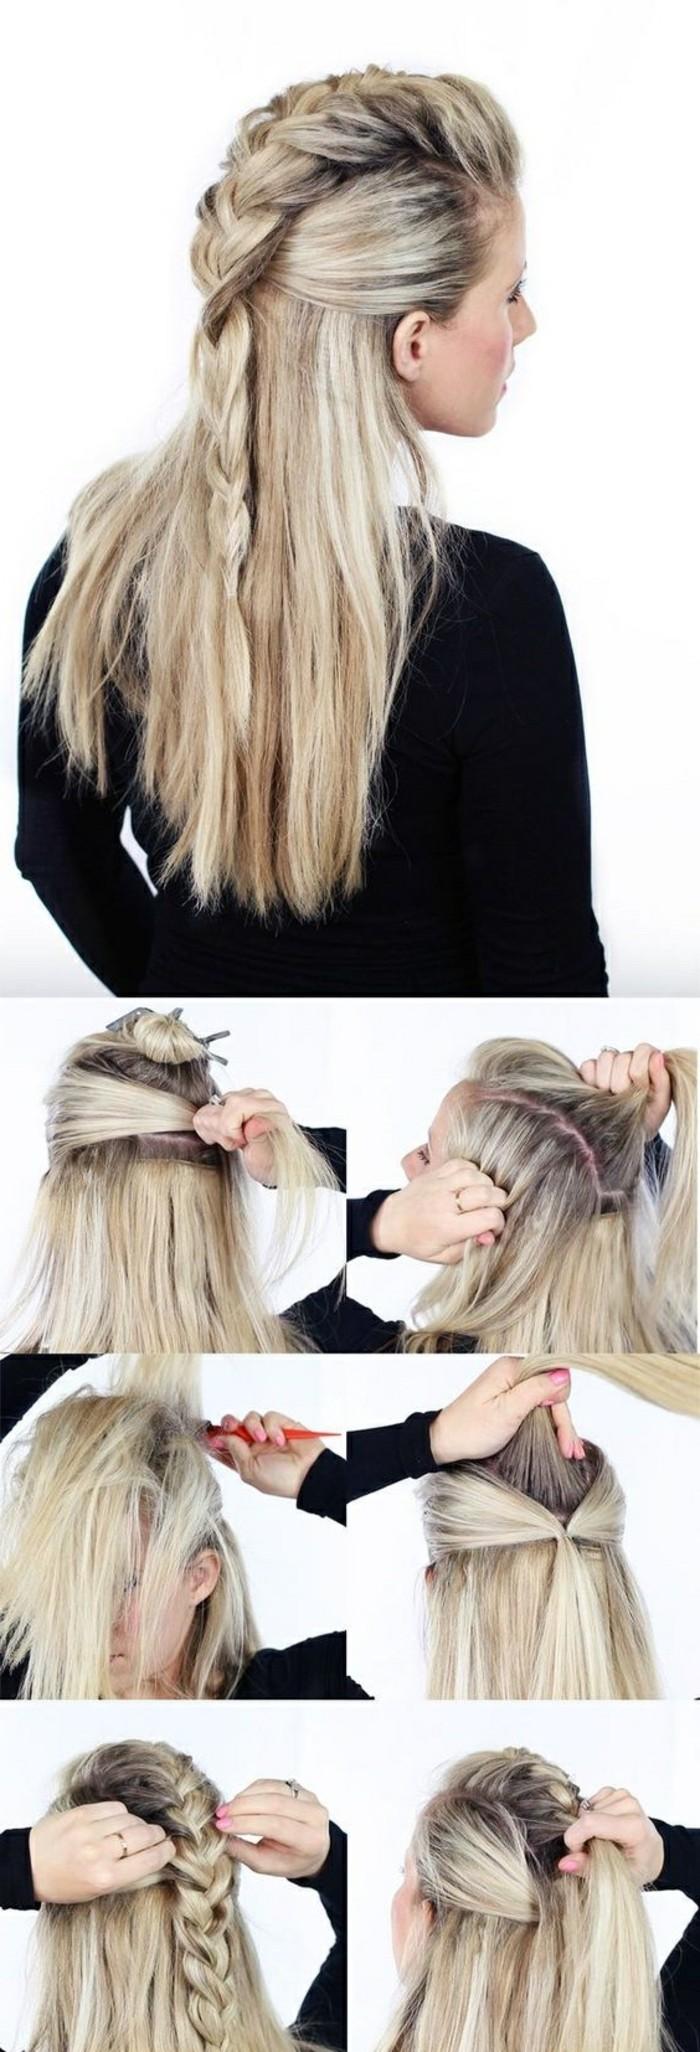 idée de coiffure avec tresse au milieu et des mèches lisses coloration blonde et racines foncées, technique tutoriel pour tresser ses cheveux